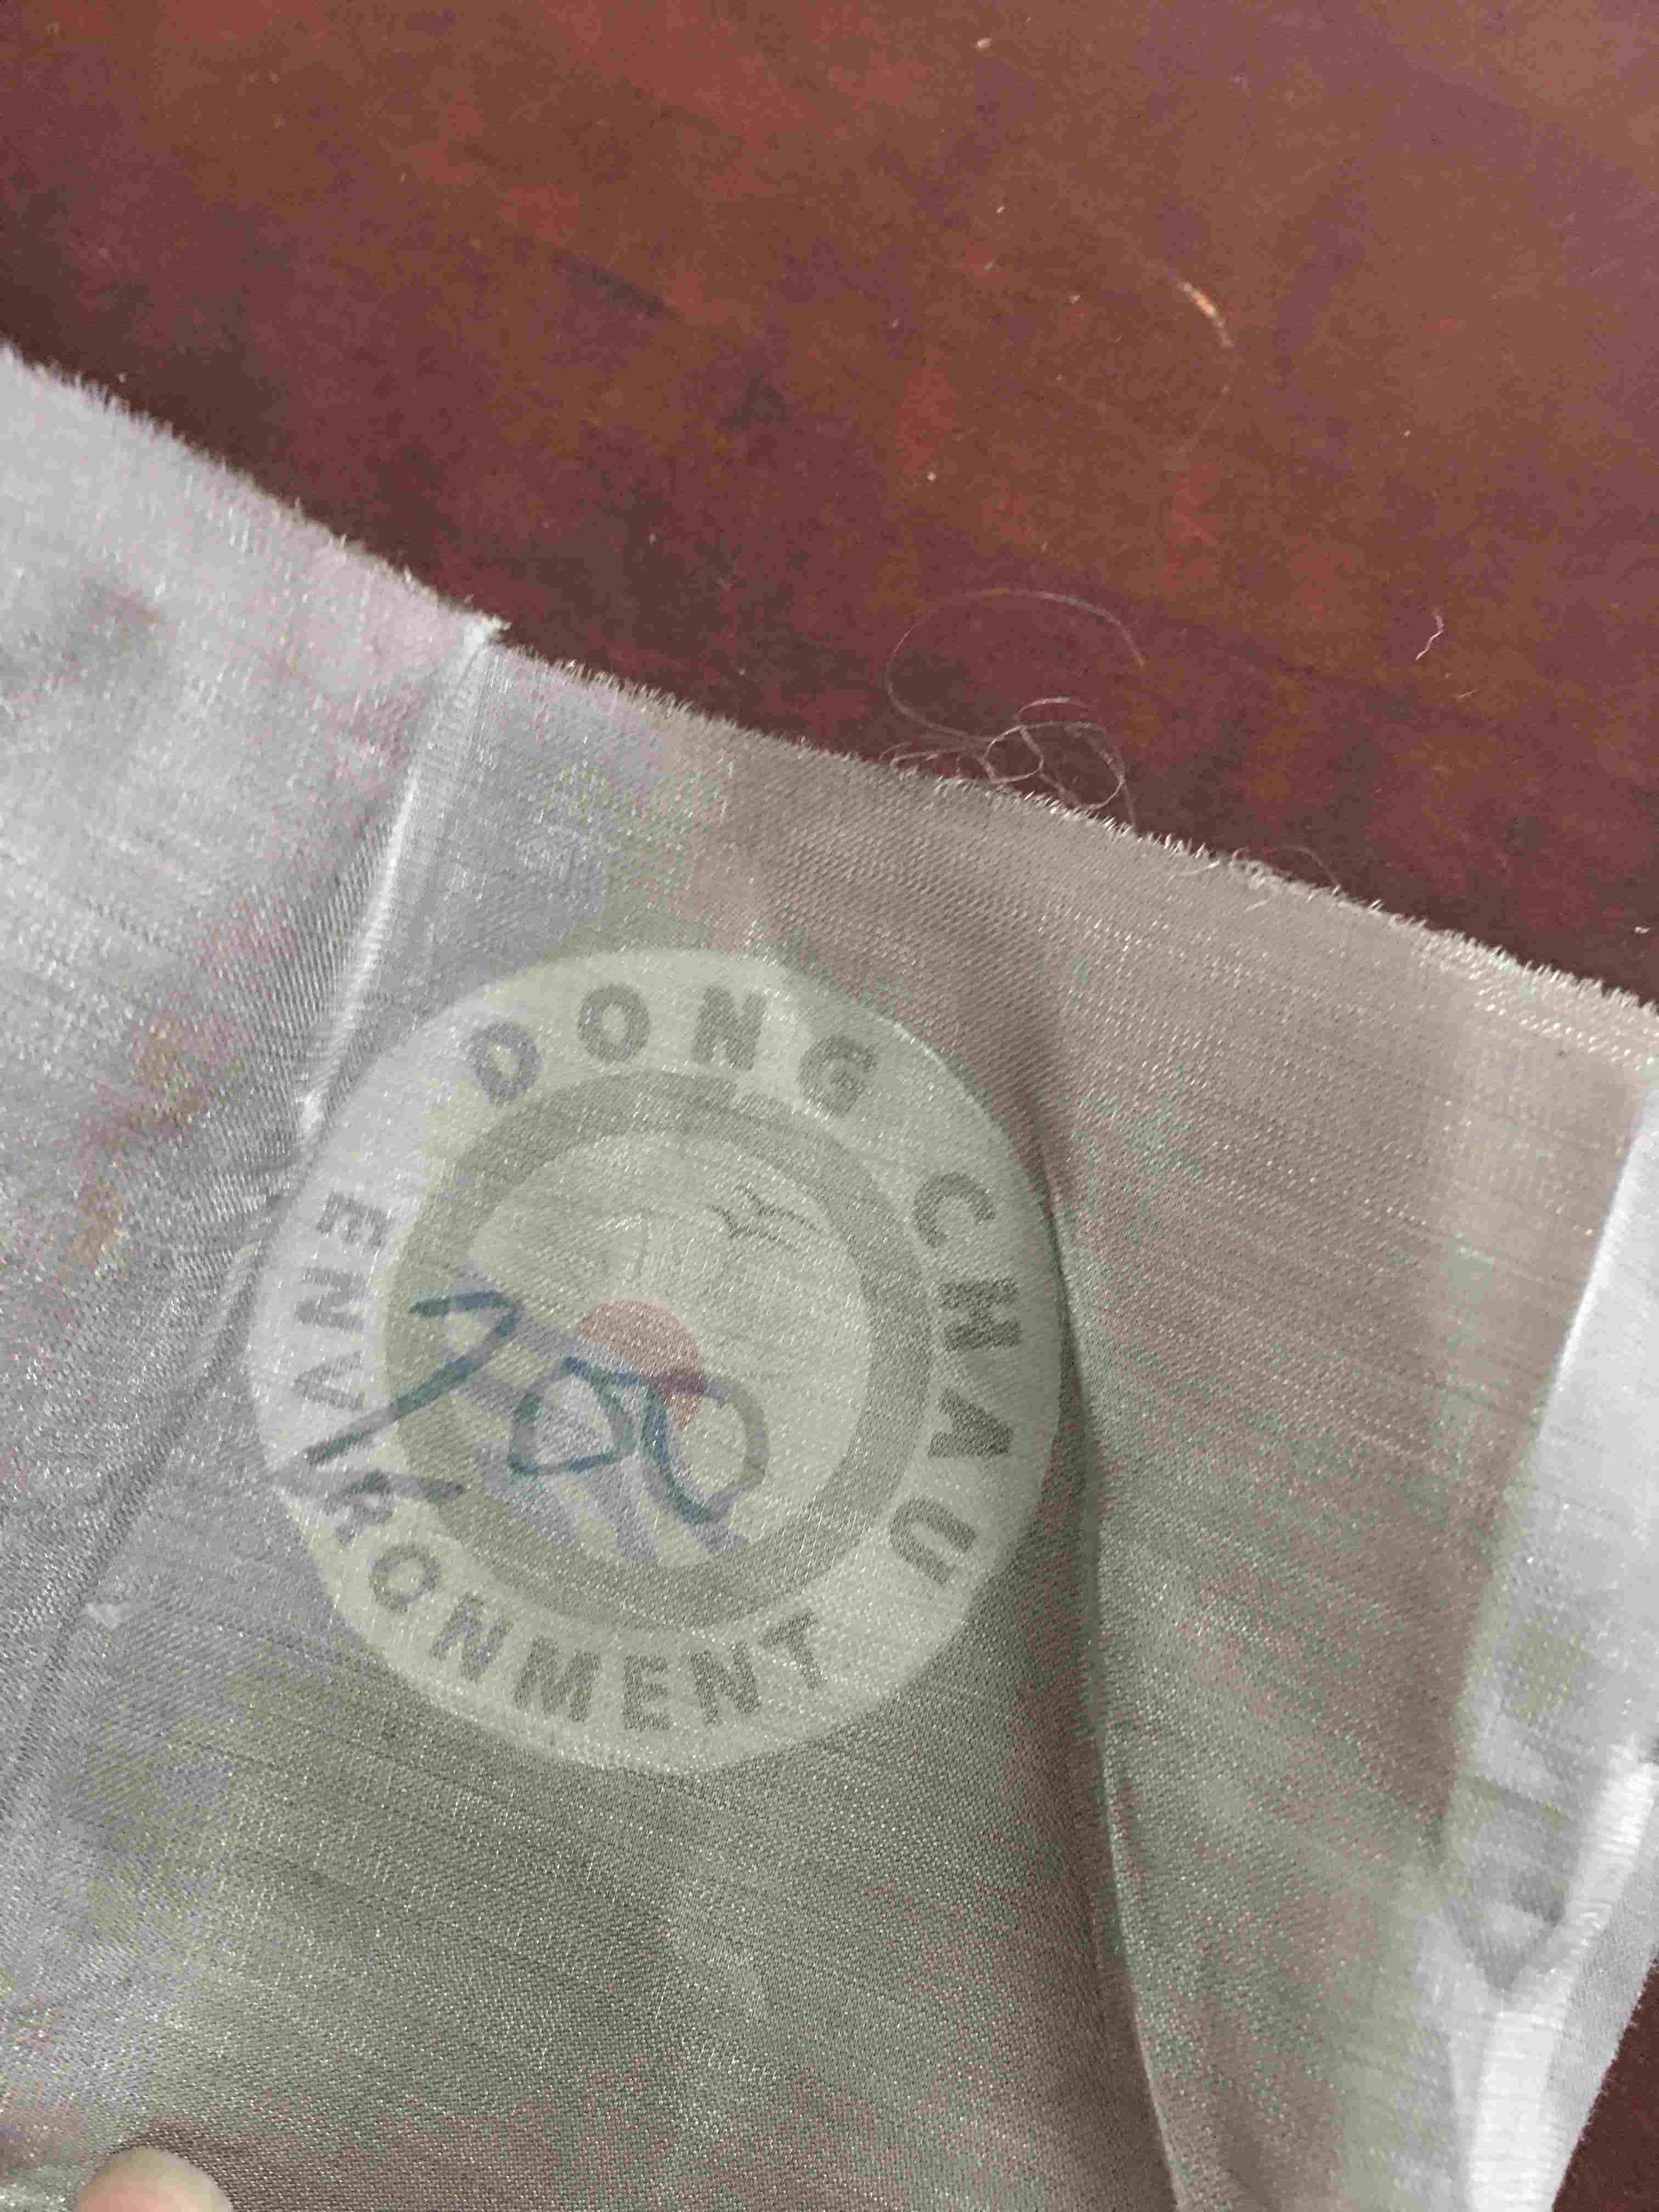 Lưới lọc inox 200 mesh không độc hại, không mùi vô hại, khả năng chịu nước, nhiệt độ cao, kháng thời tiết.